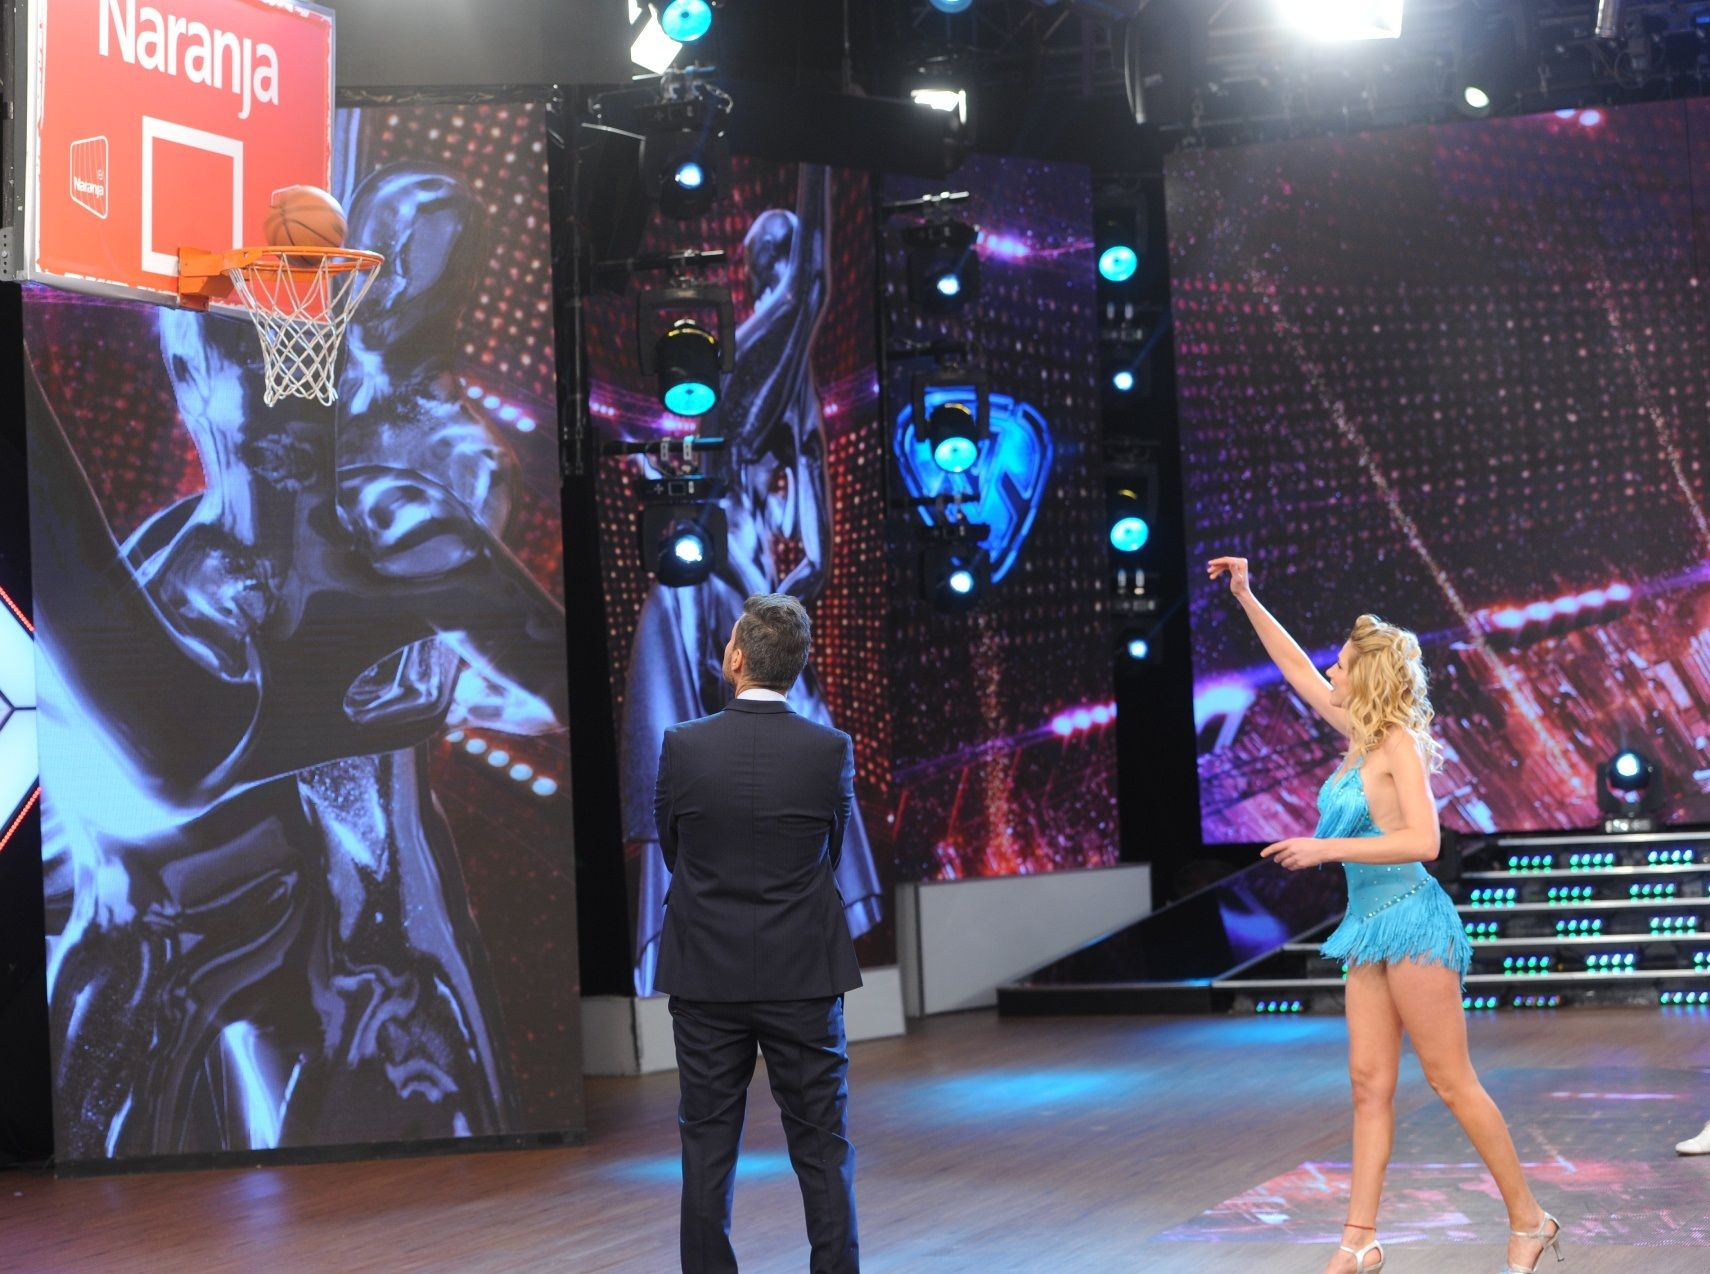 Alina Moine jugó muy bien al básquet, ¡pero se perdió en la salsa  de tres!